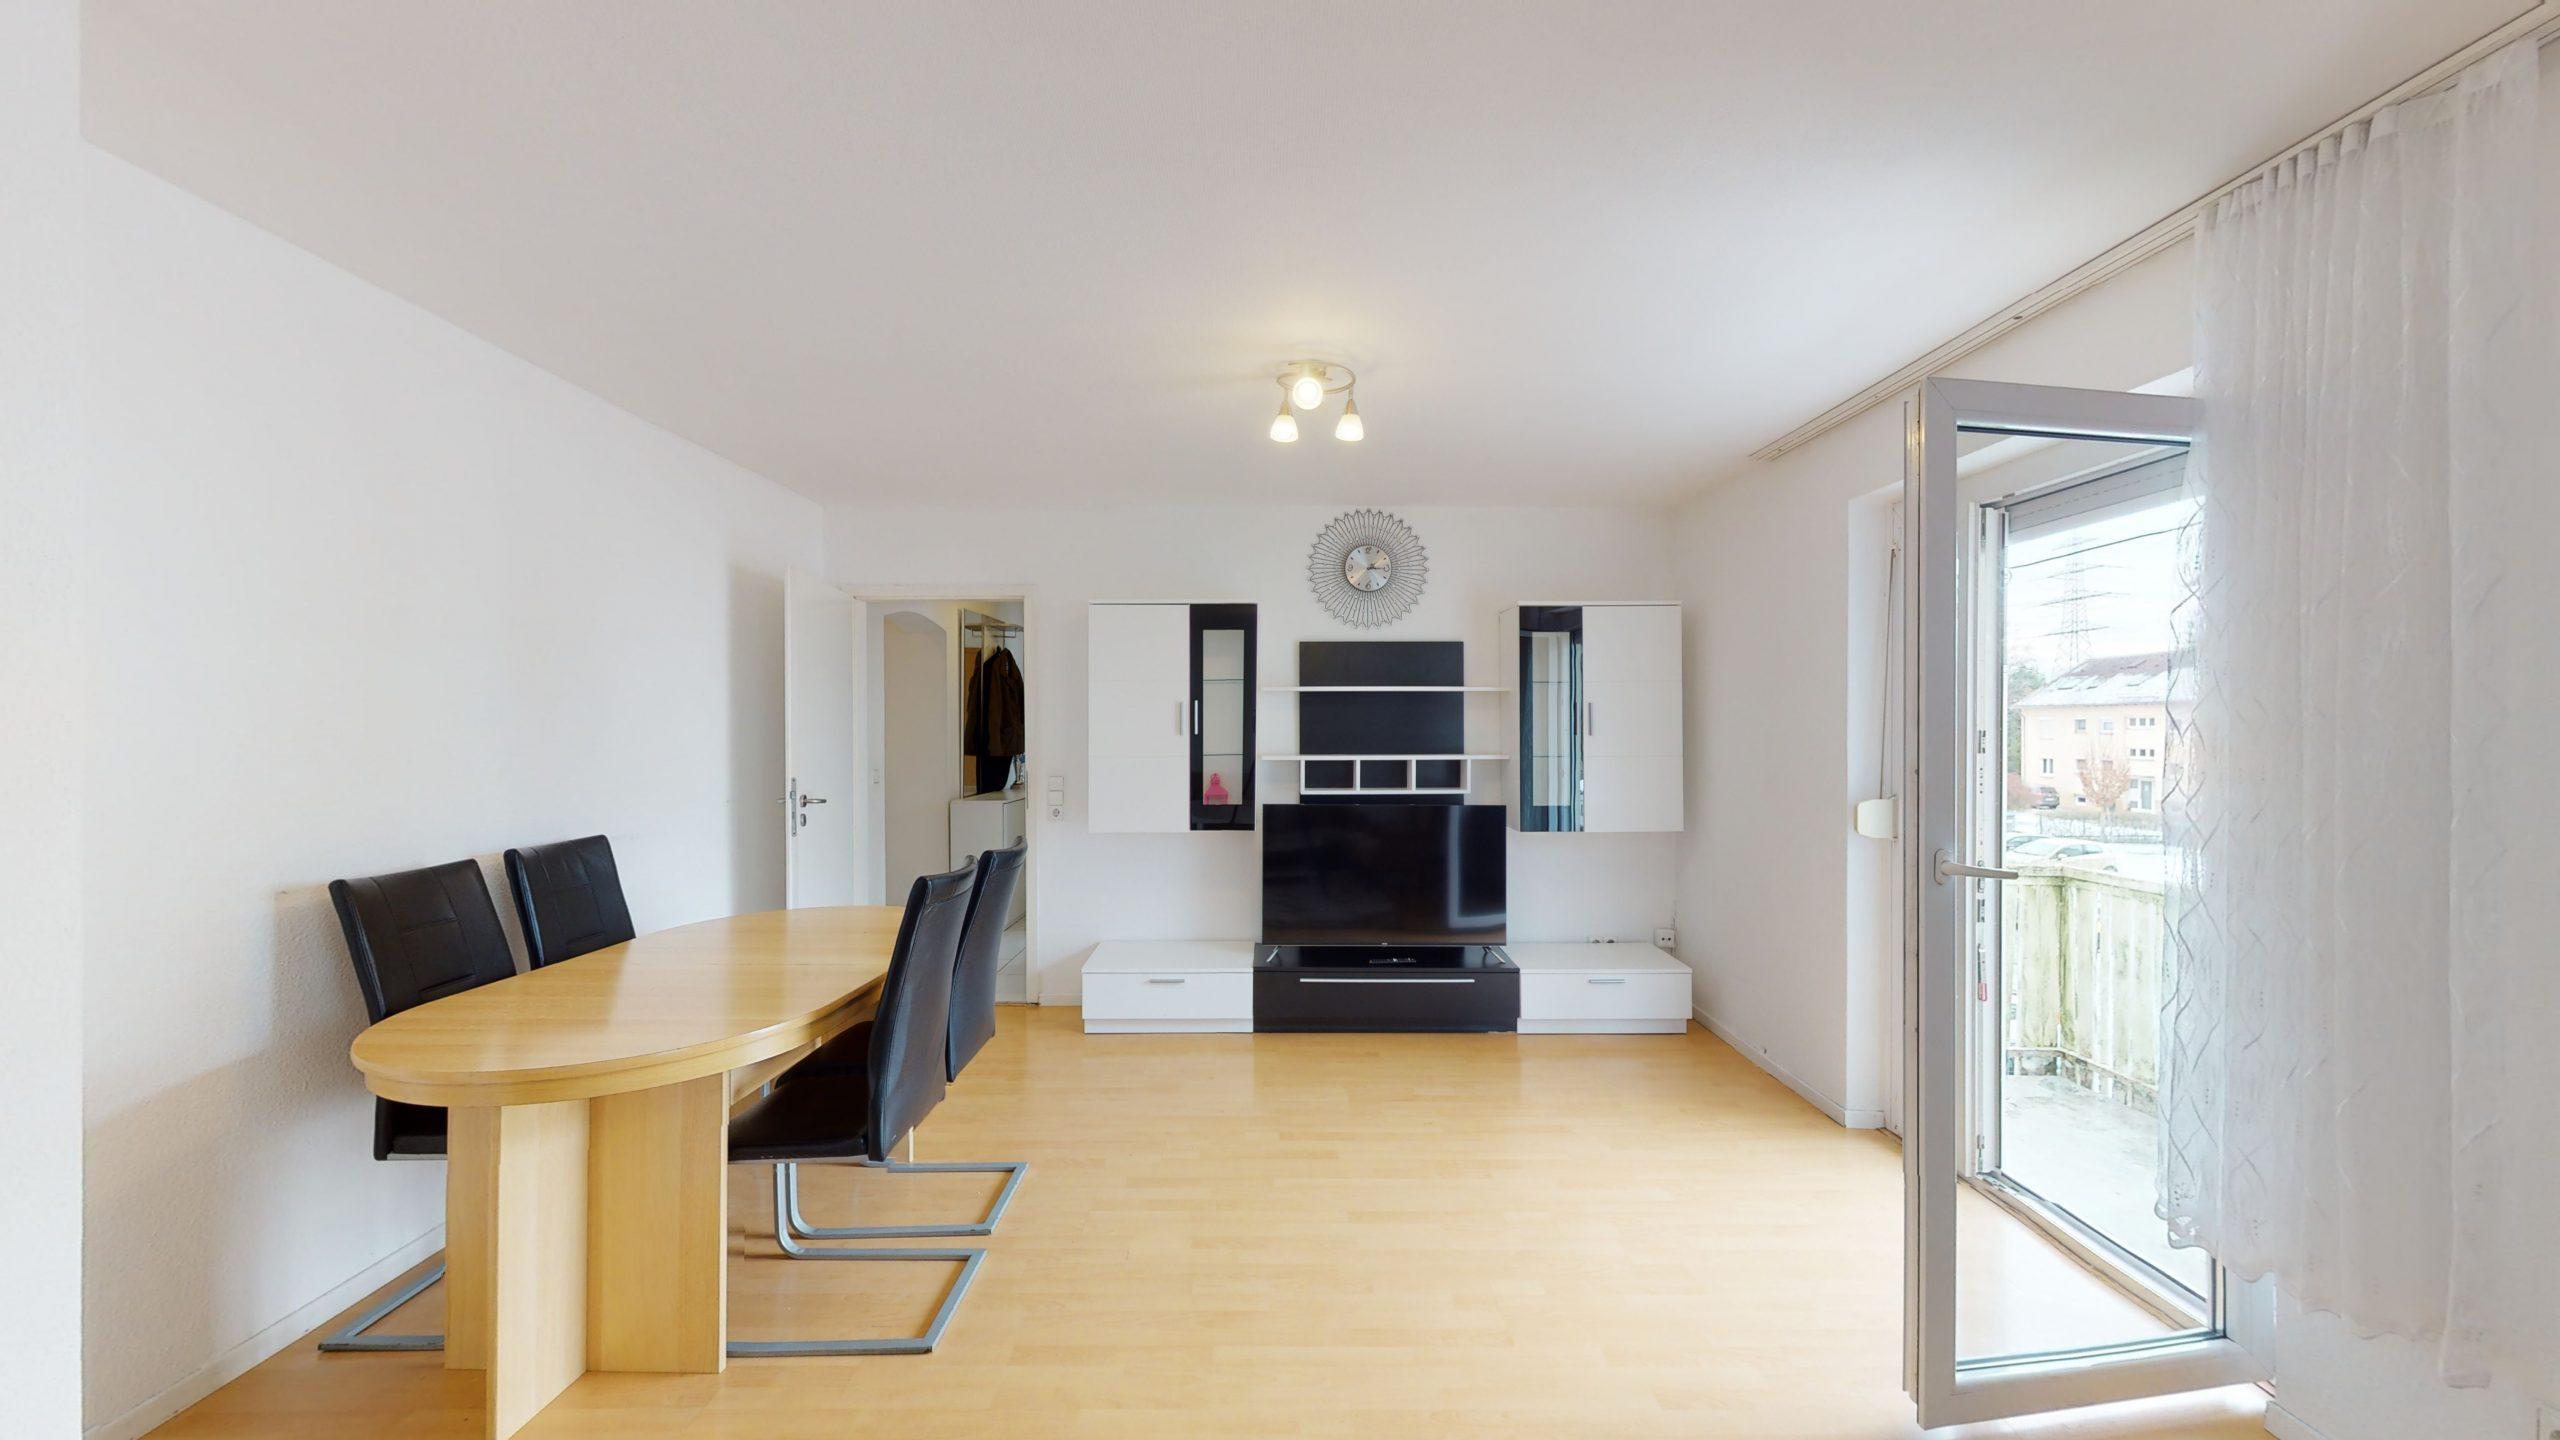 Schone-4-Zimmer-Wohnung-mit-2-Balkonen-und-viel-Platz-in-Altbach-02162021_094535